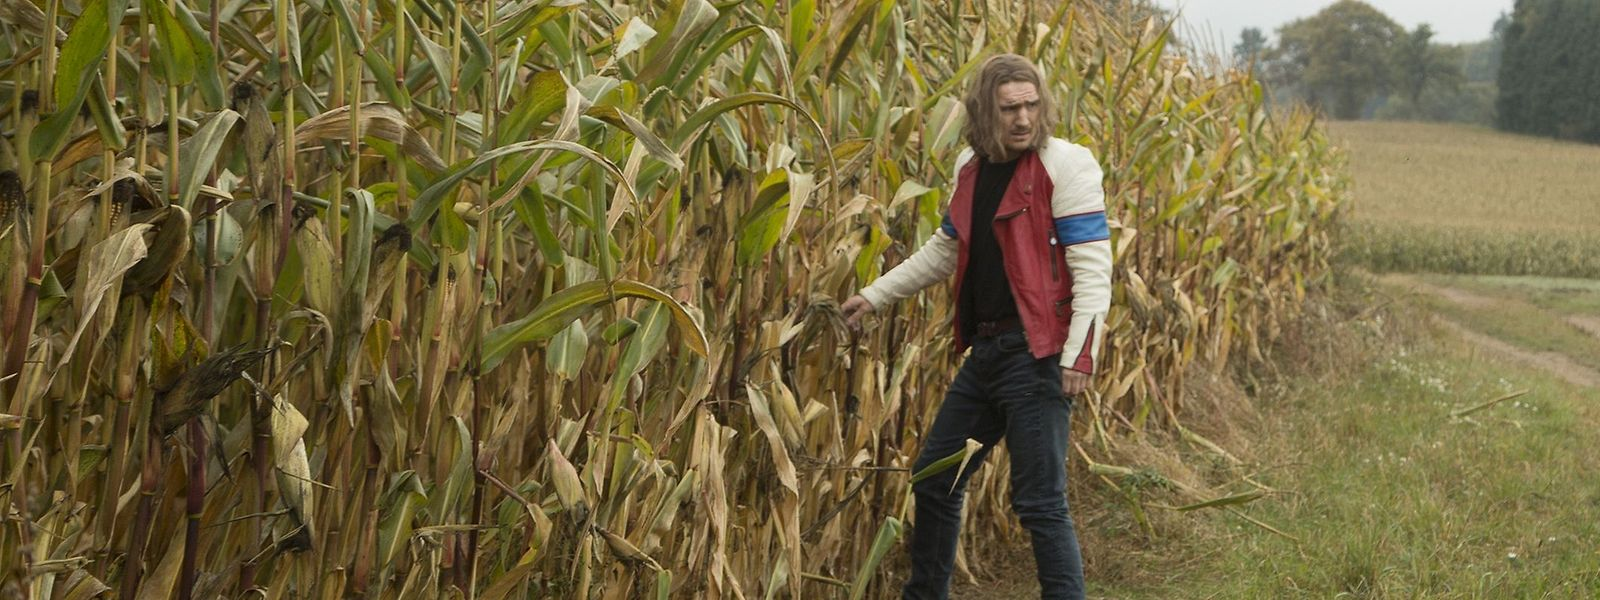 Vou fugir para este campo de milho que estes luxemburgueses estão loucos!